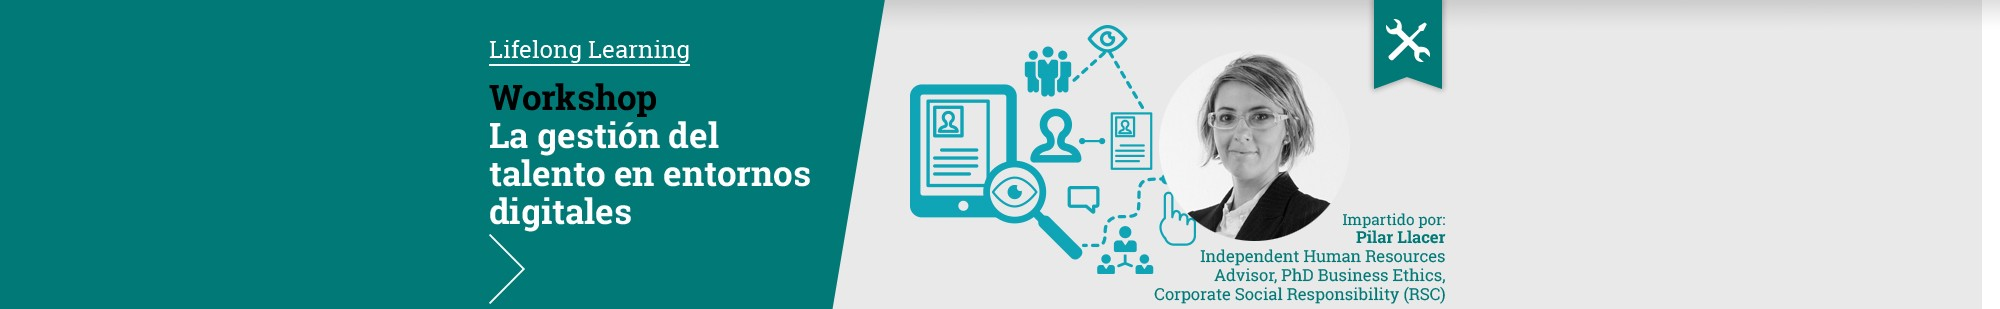 Workshop en Gestión del Talento en entornos digitales